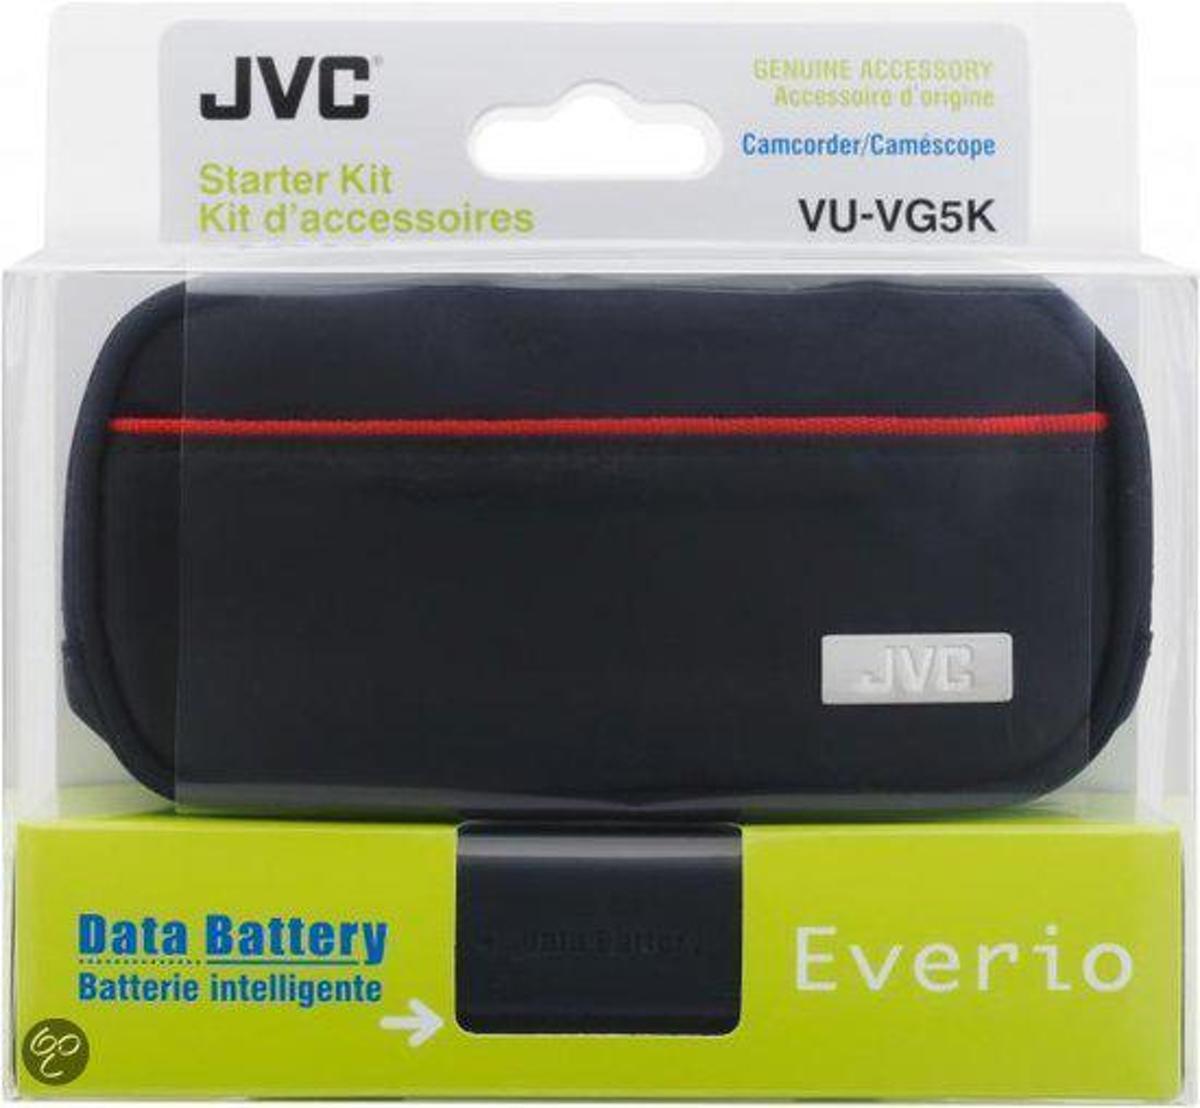 JVC VU-VG5K Starterkit kopen